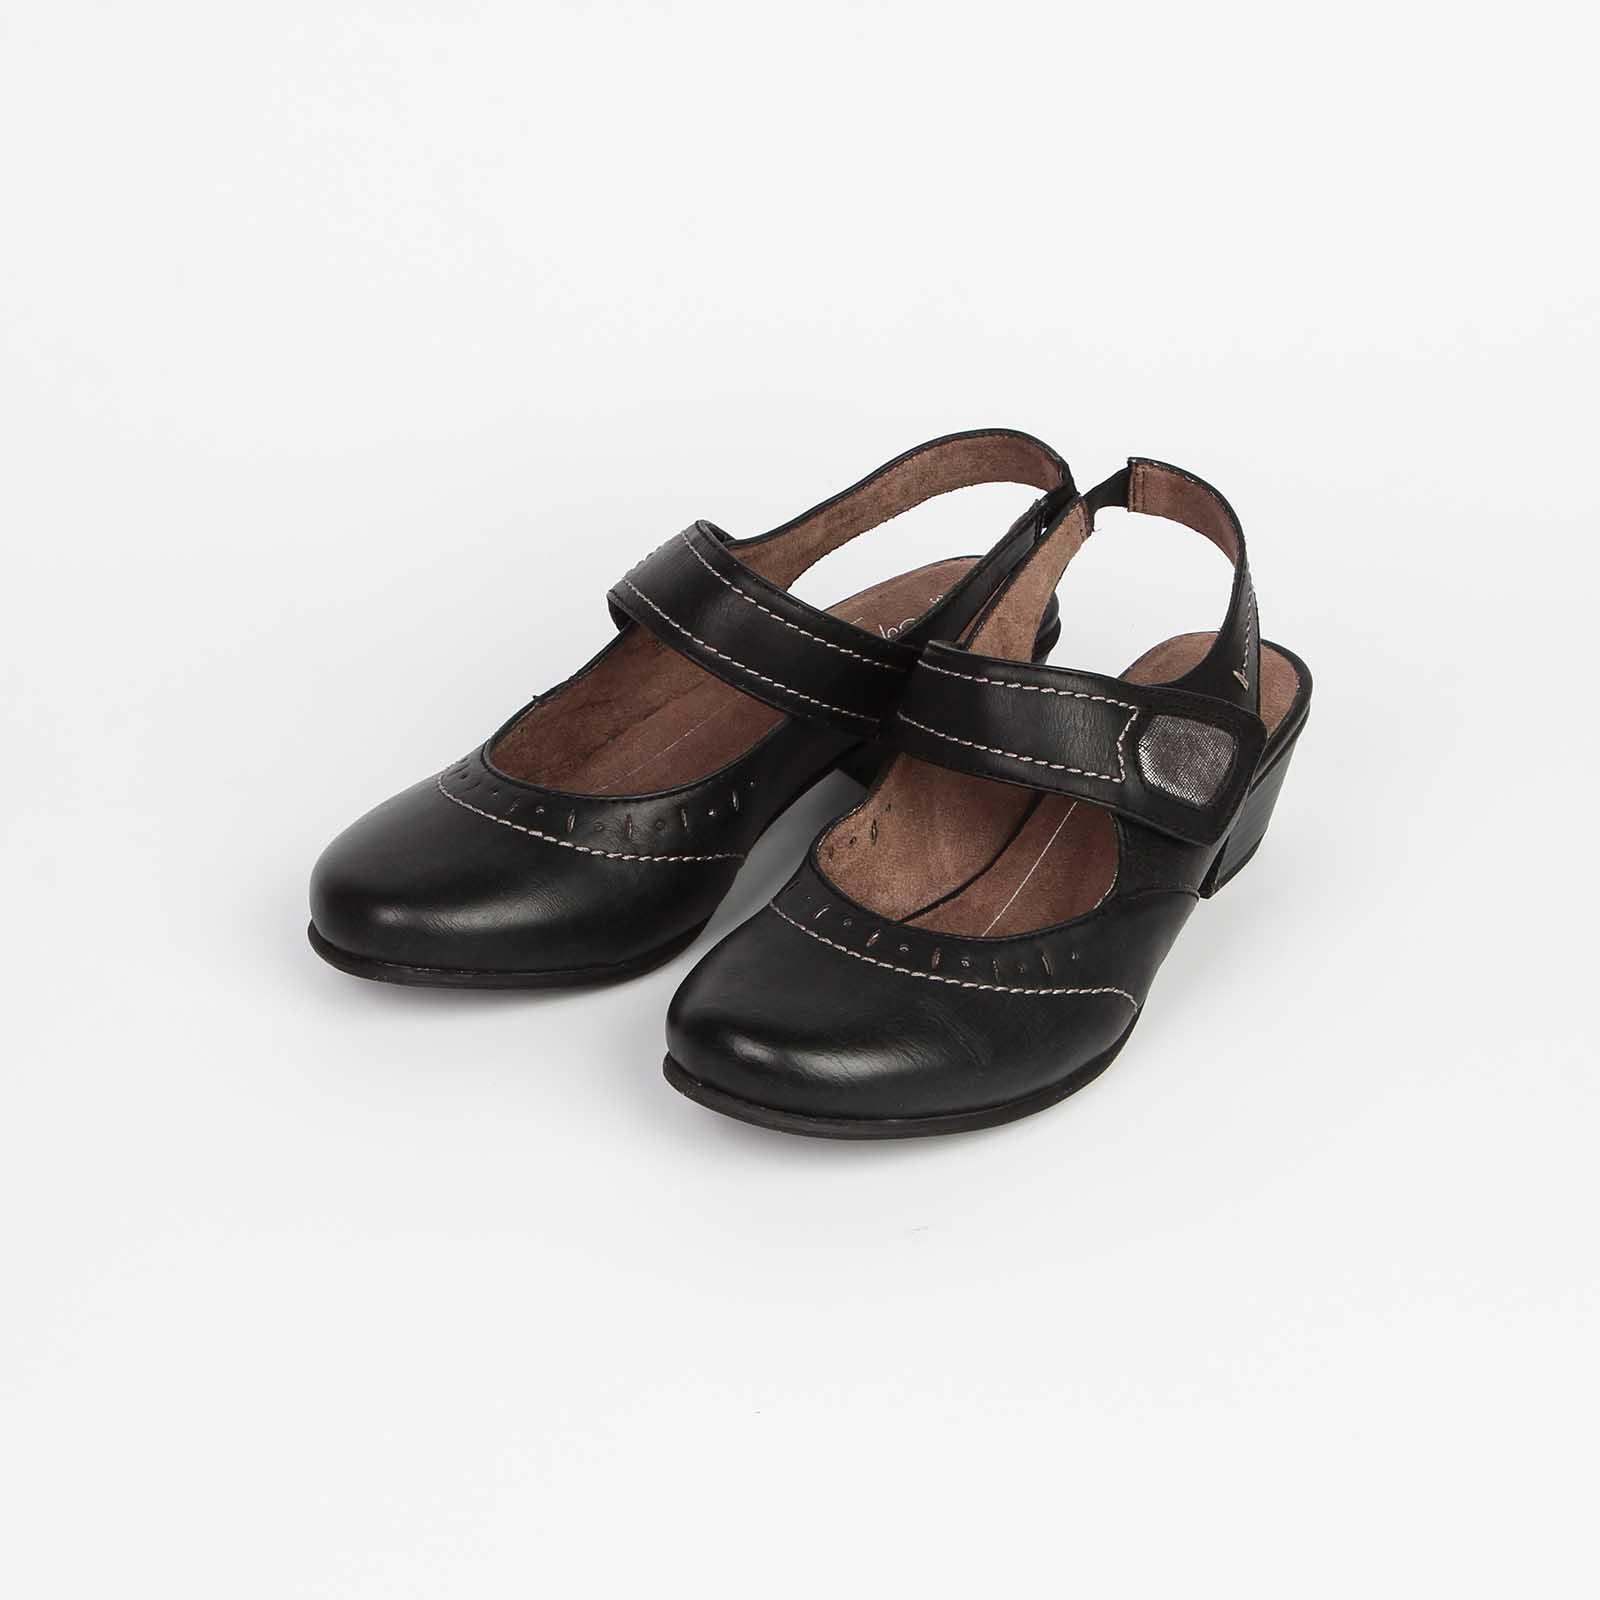 Туфли женские с эластичным ремешком и ремешком с застежкой